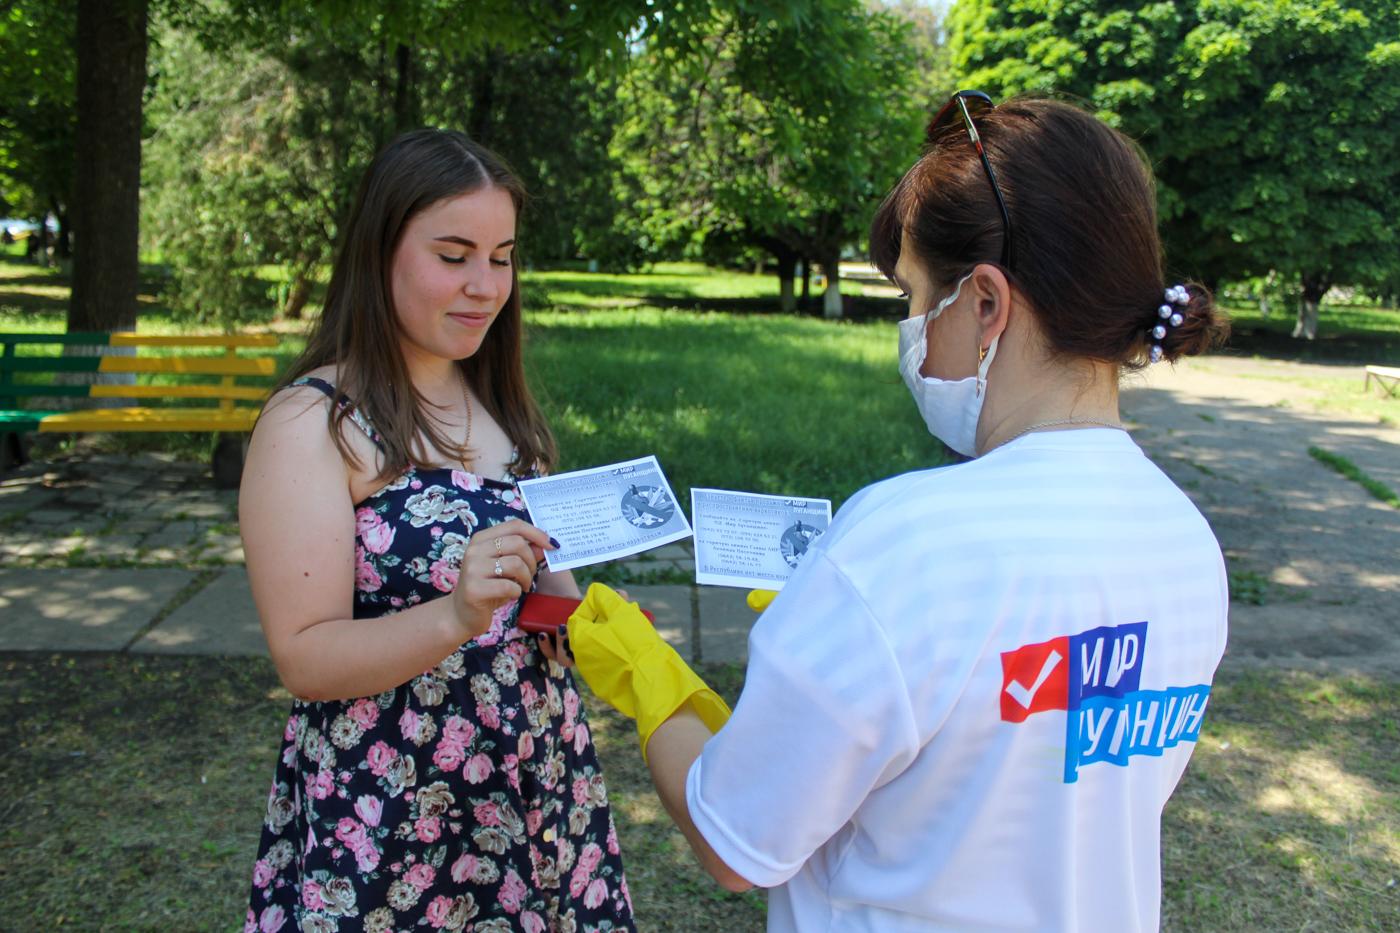 Жителям Славяносербска рассказали об акции «Стоп наркотикам!»